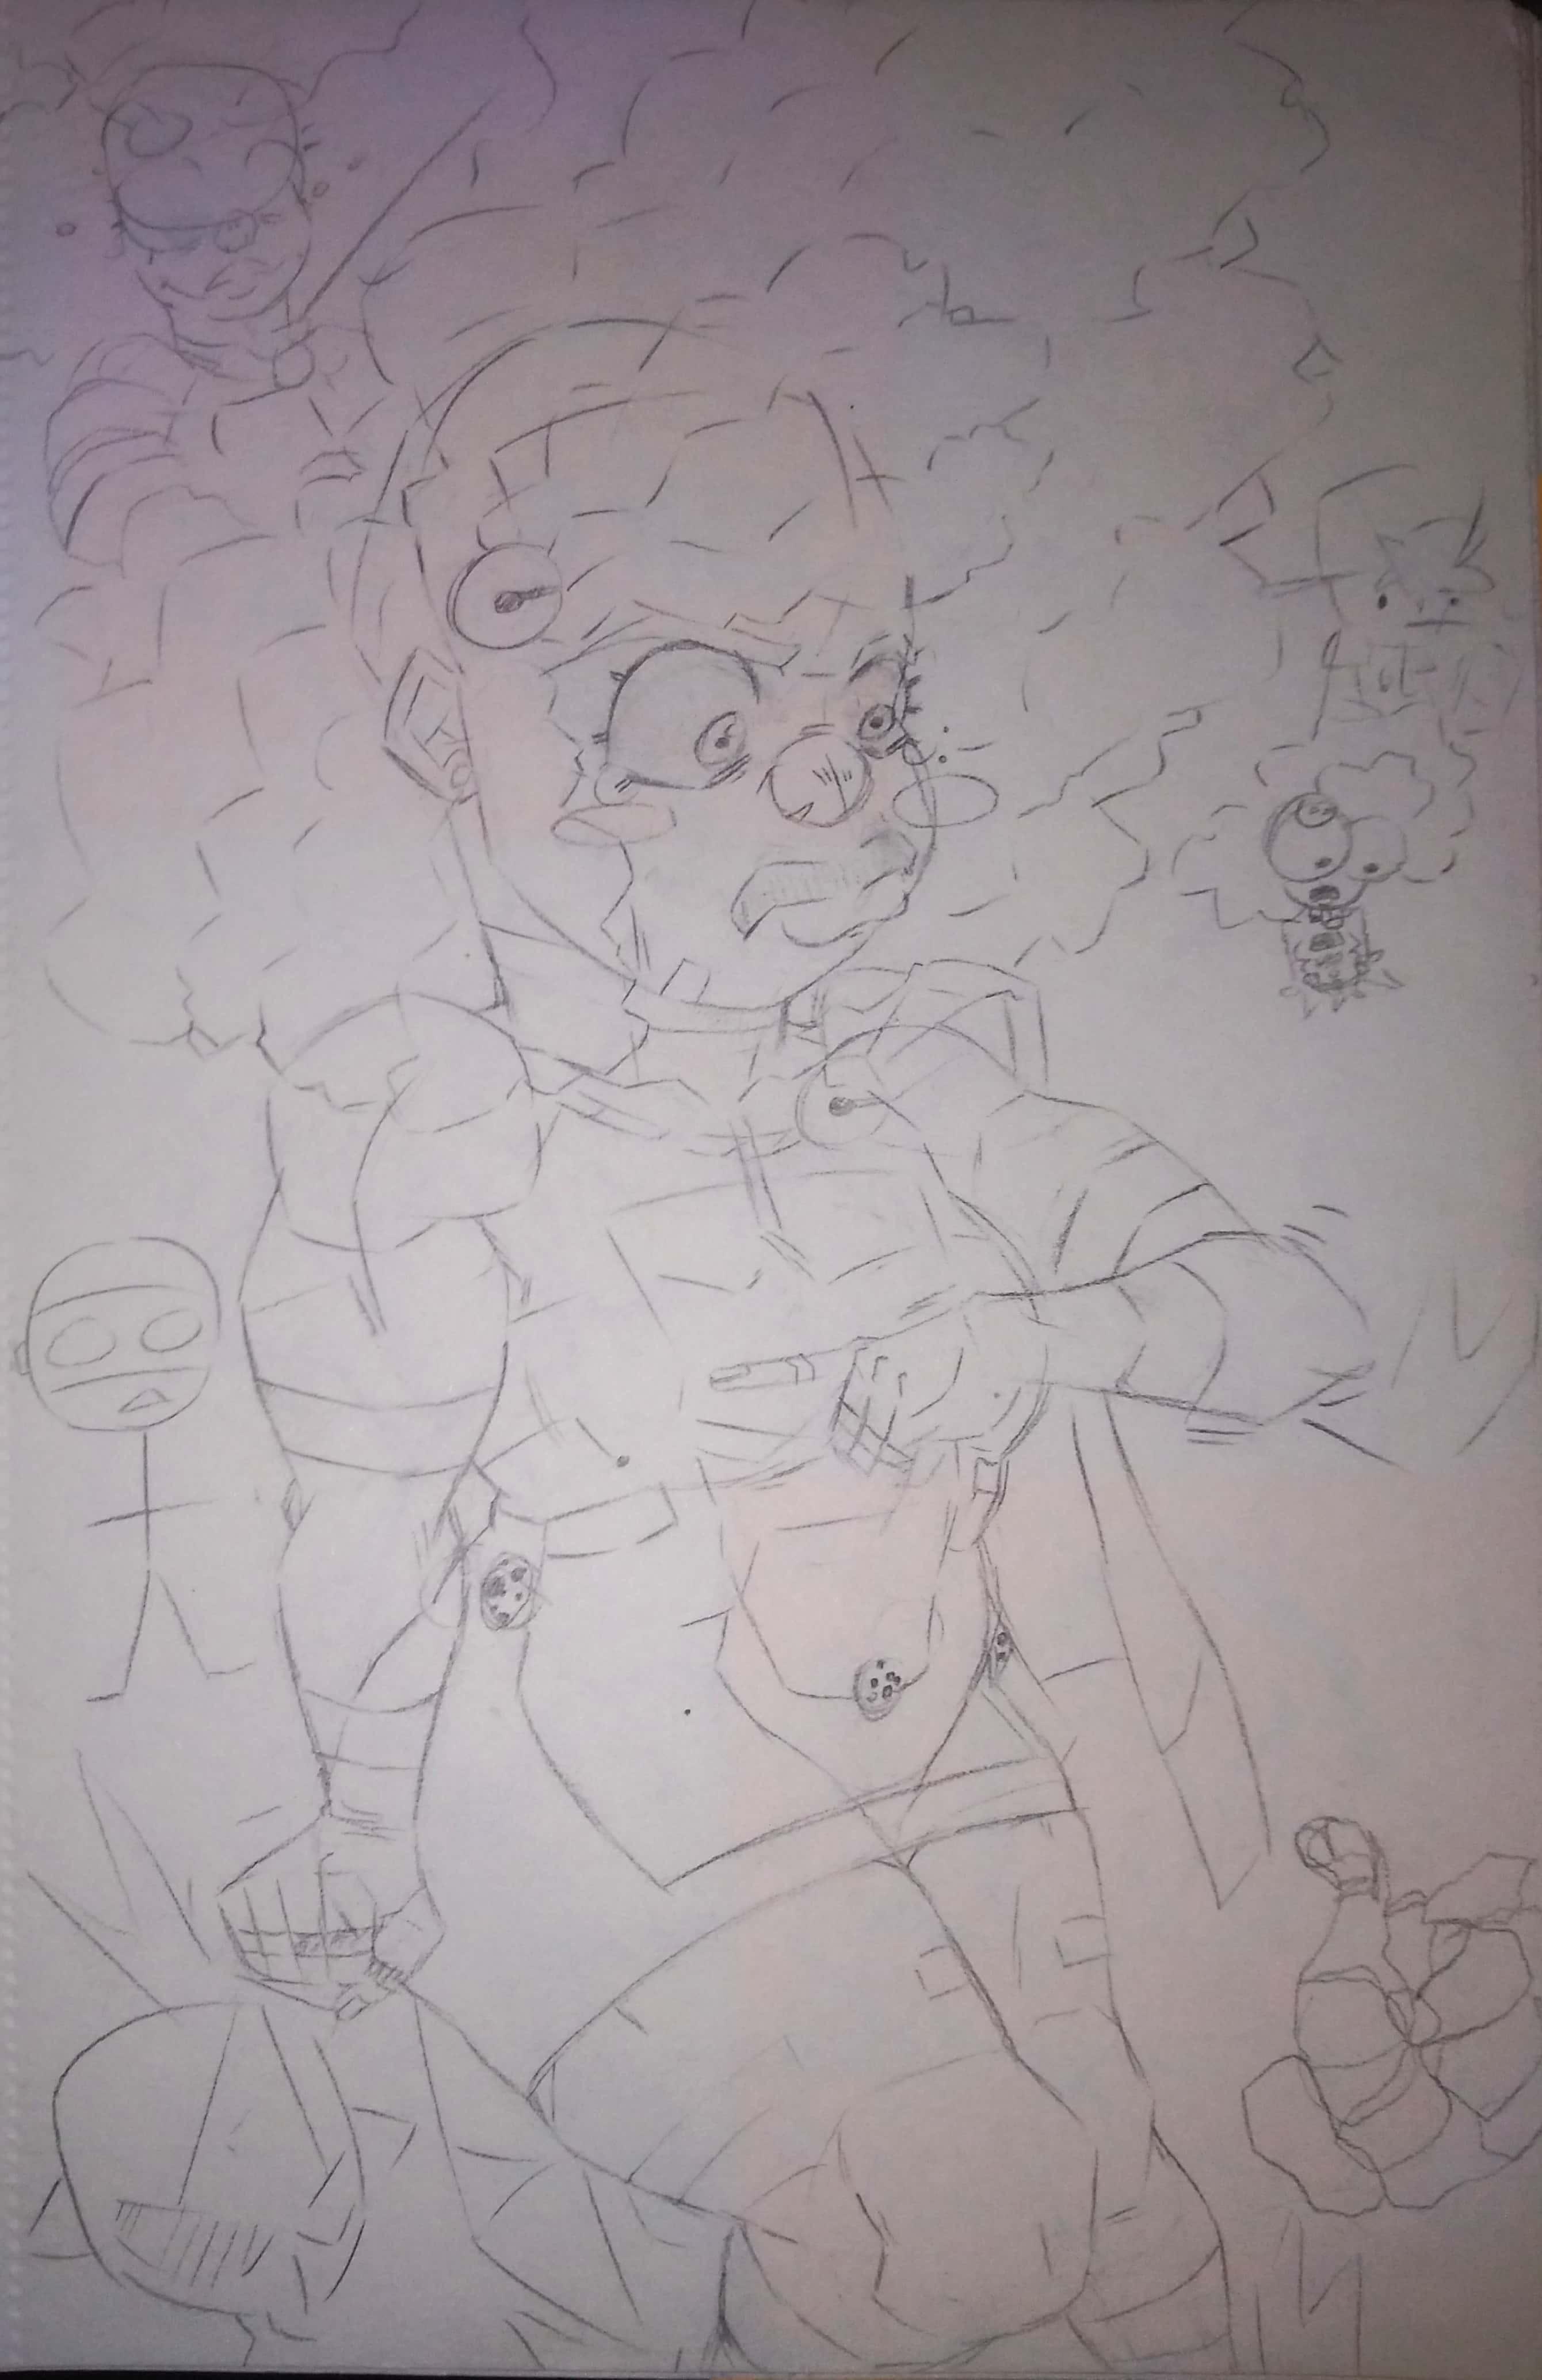 Sketch book dump